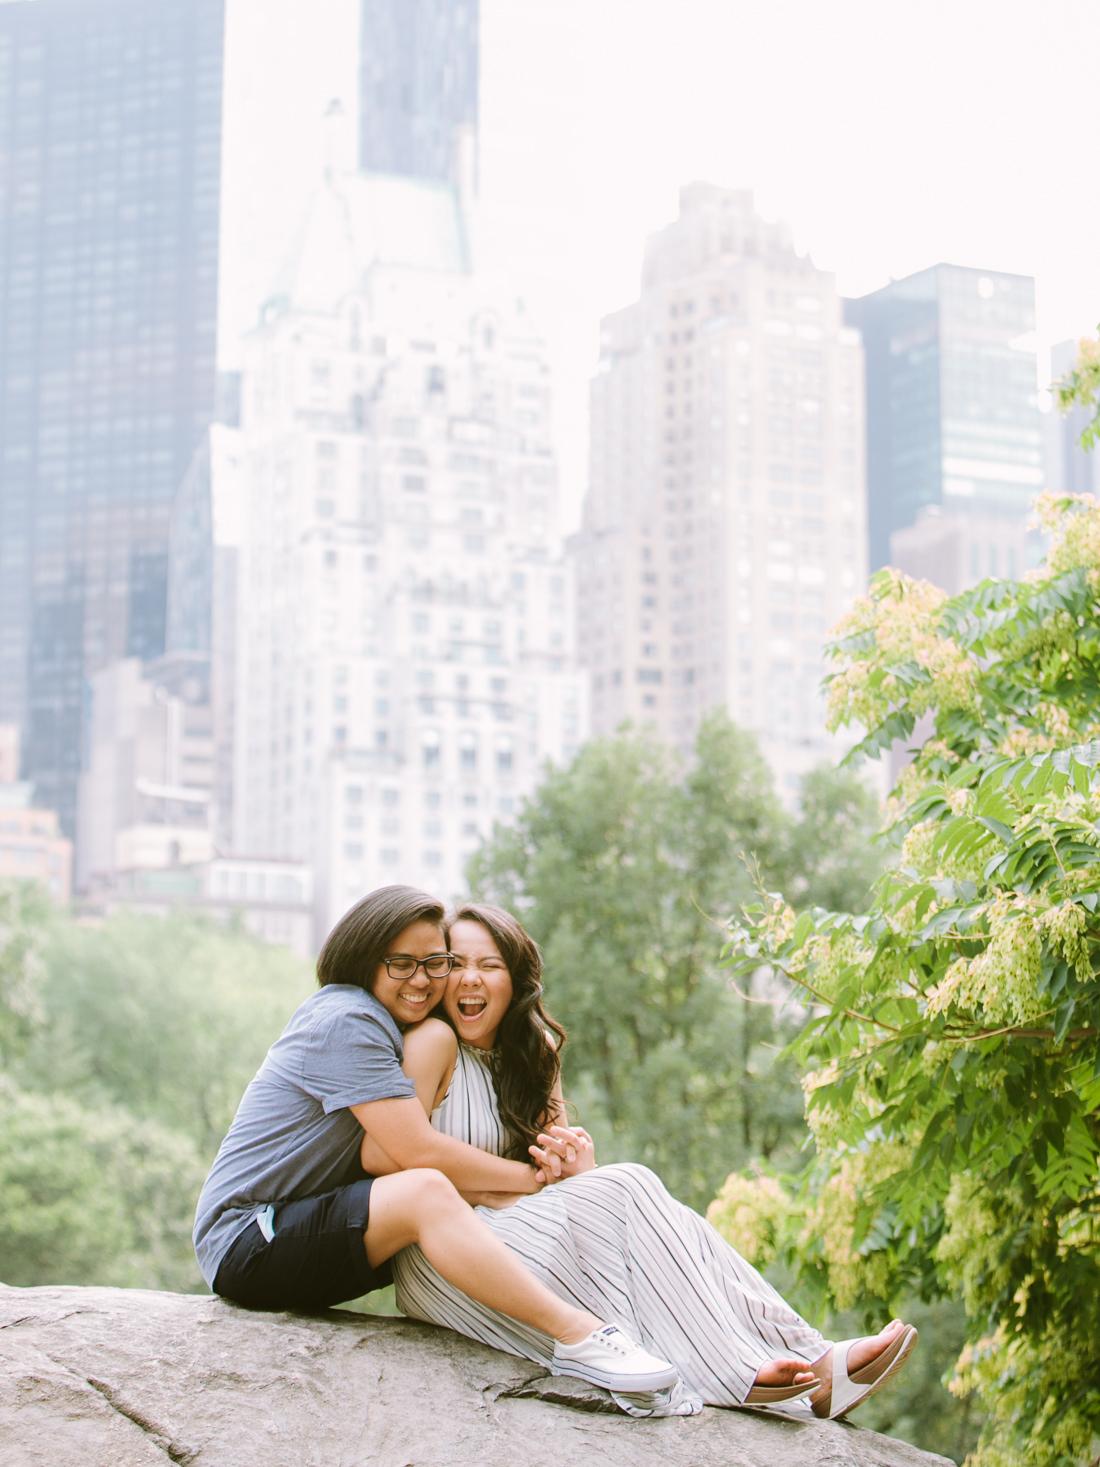 NYC-engagement-photography-by-Tanya-Isaeva-21.jpg